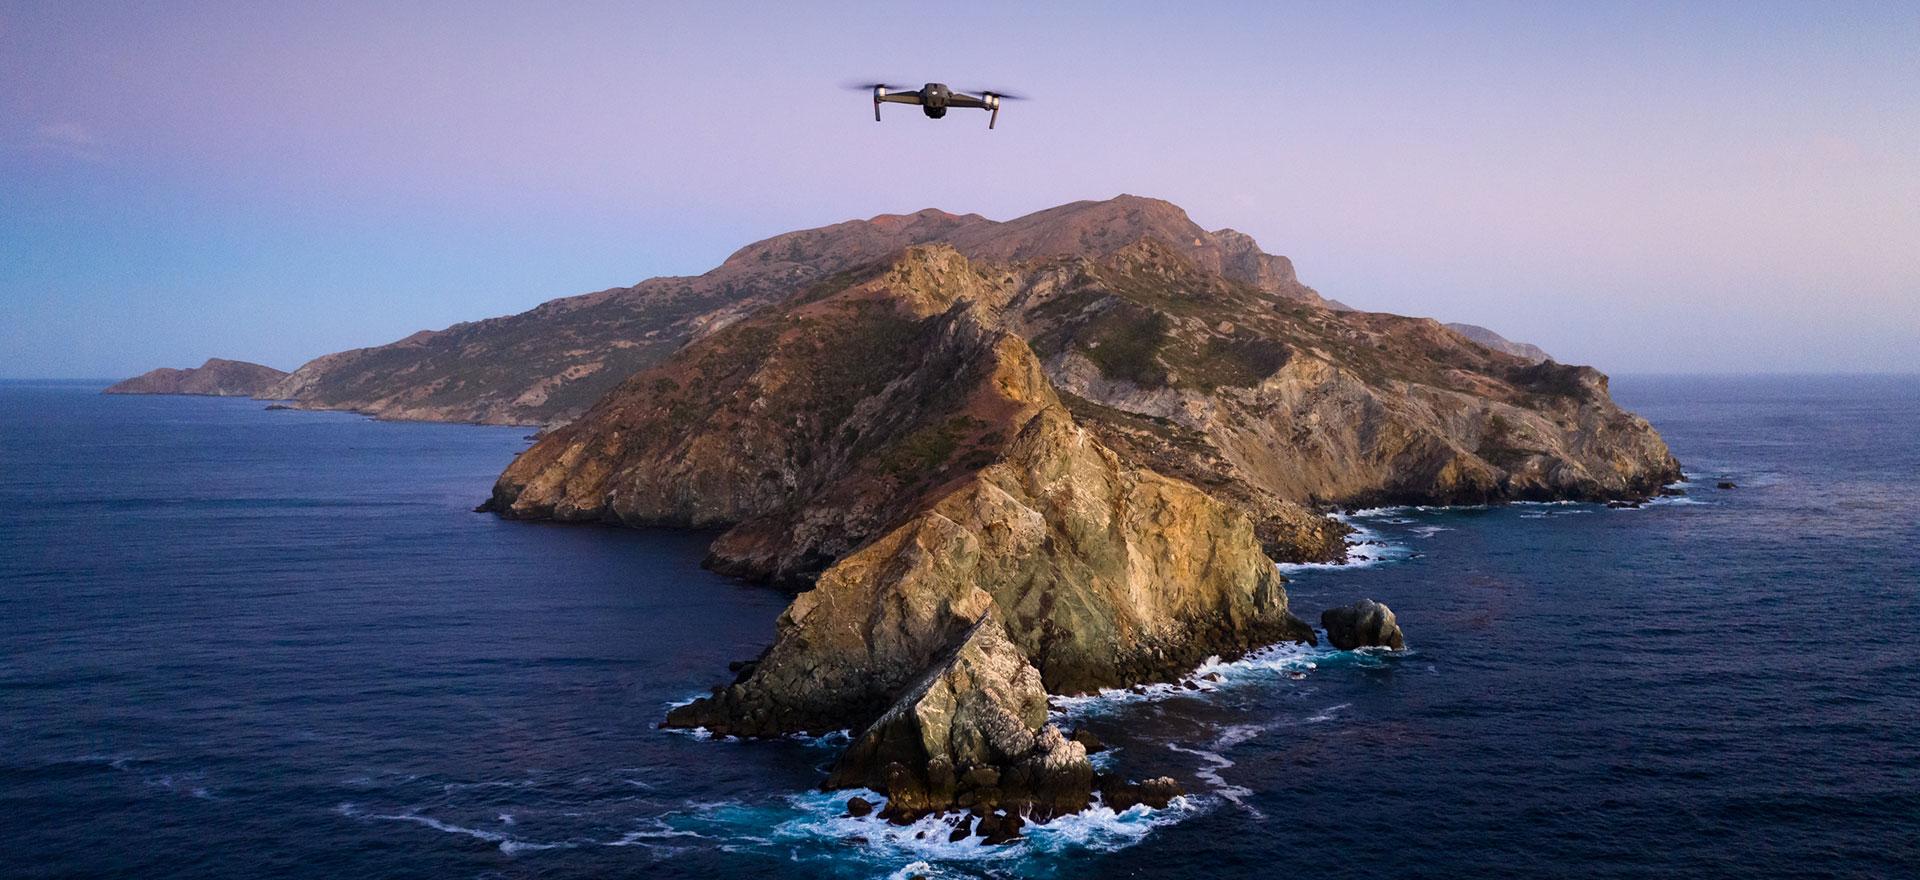 MacOS Catalina-rekin paperean jolastea erabaki zuten.  Aurrekontu handirik gabe eta klase ertaineko drone batekin